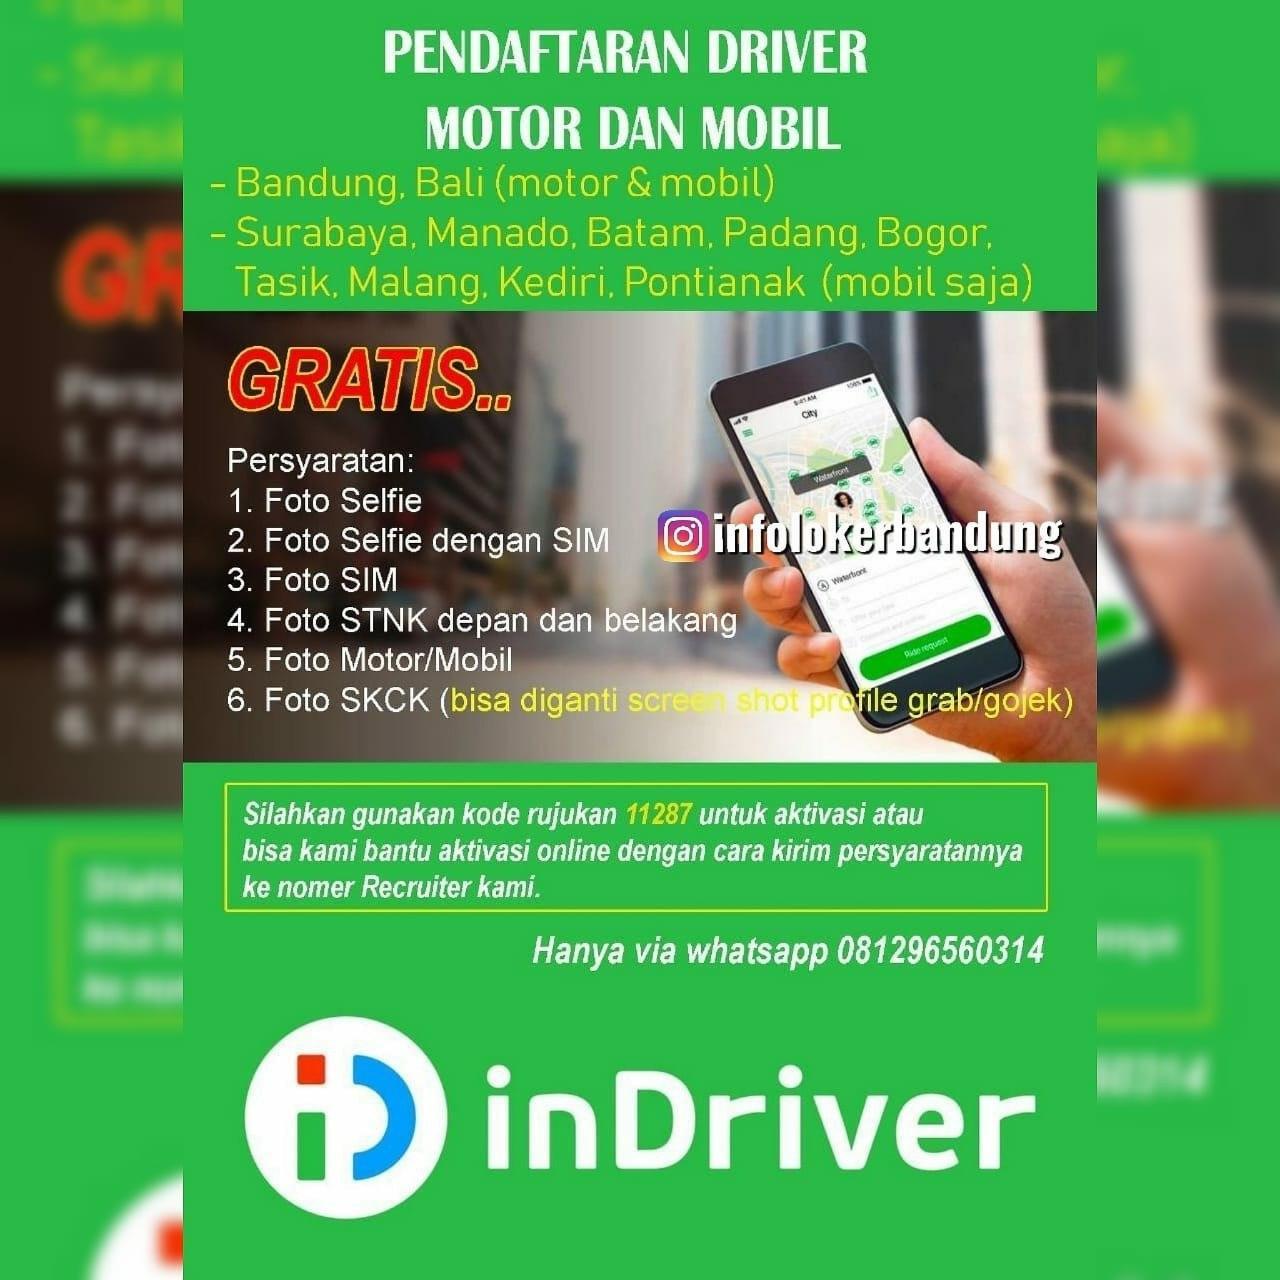 Lowongan Driver di Indriver Bandung Januari 2020